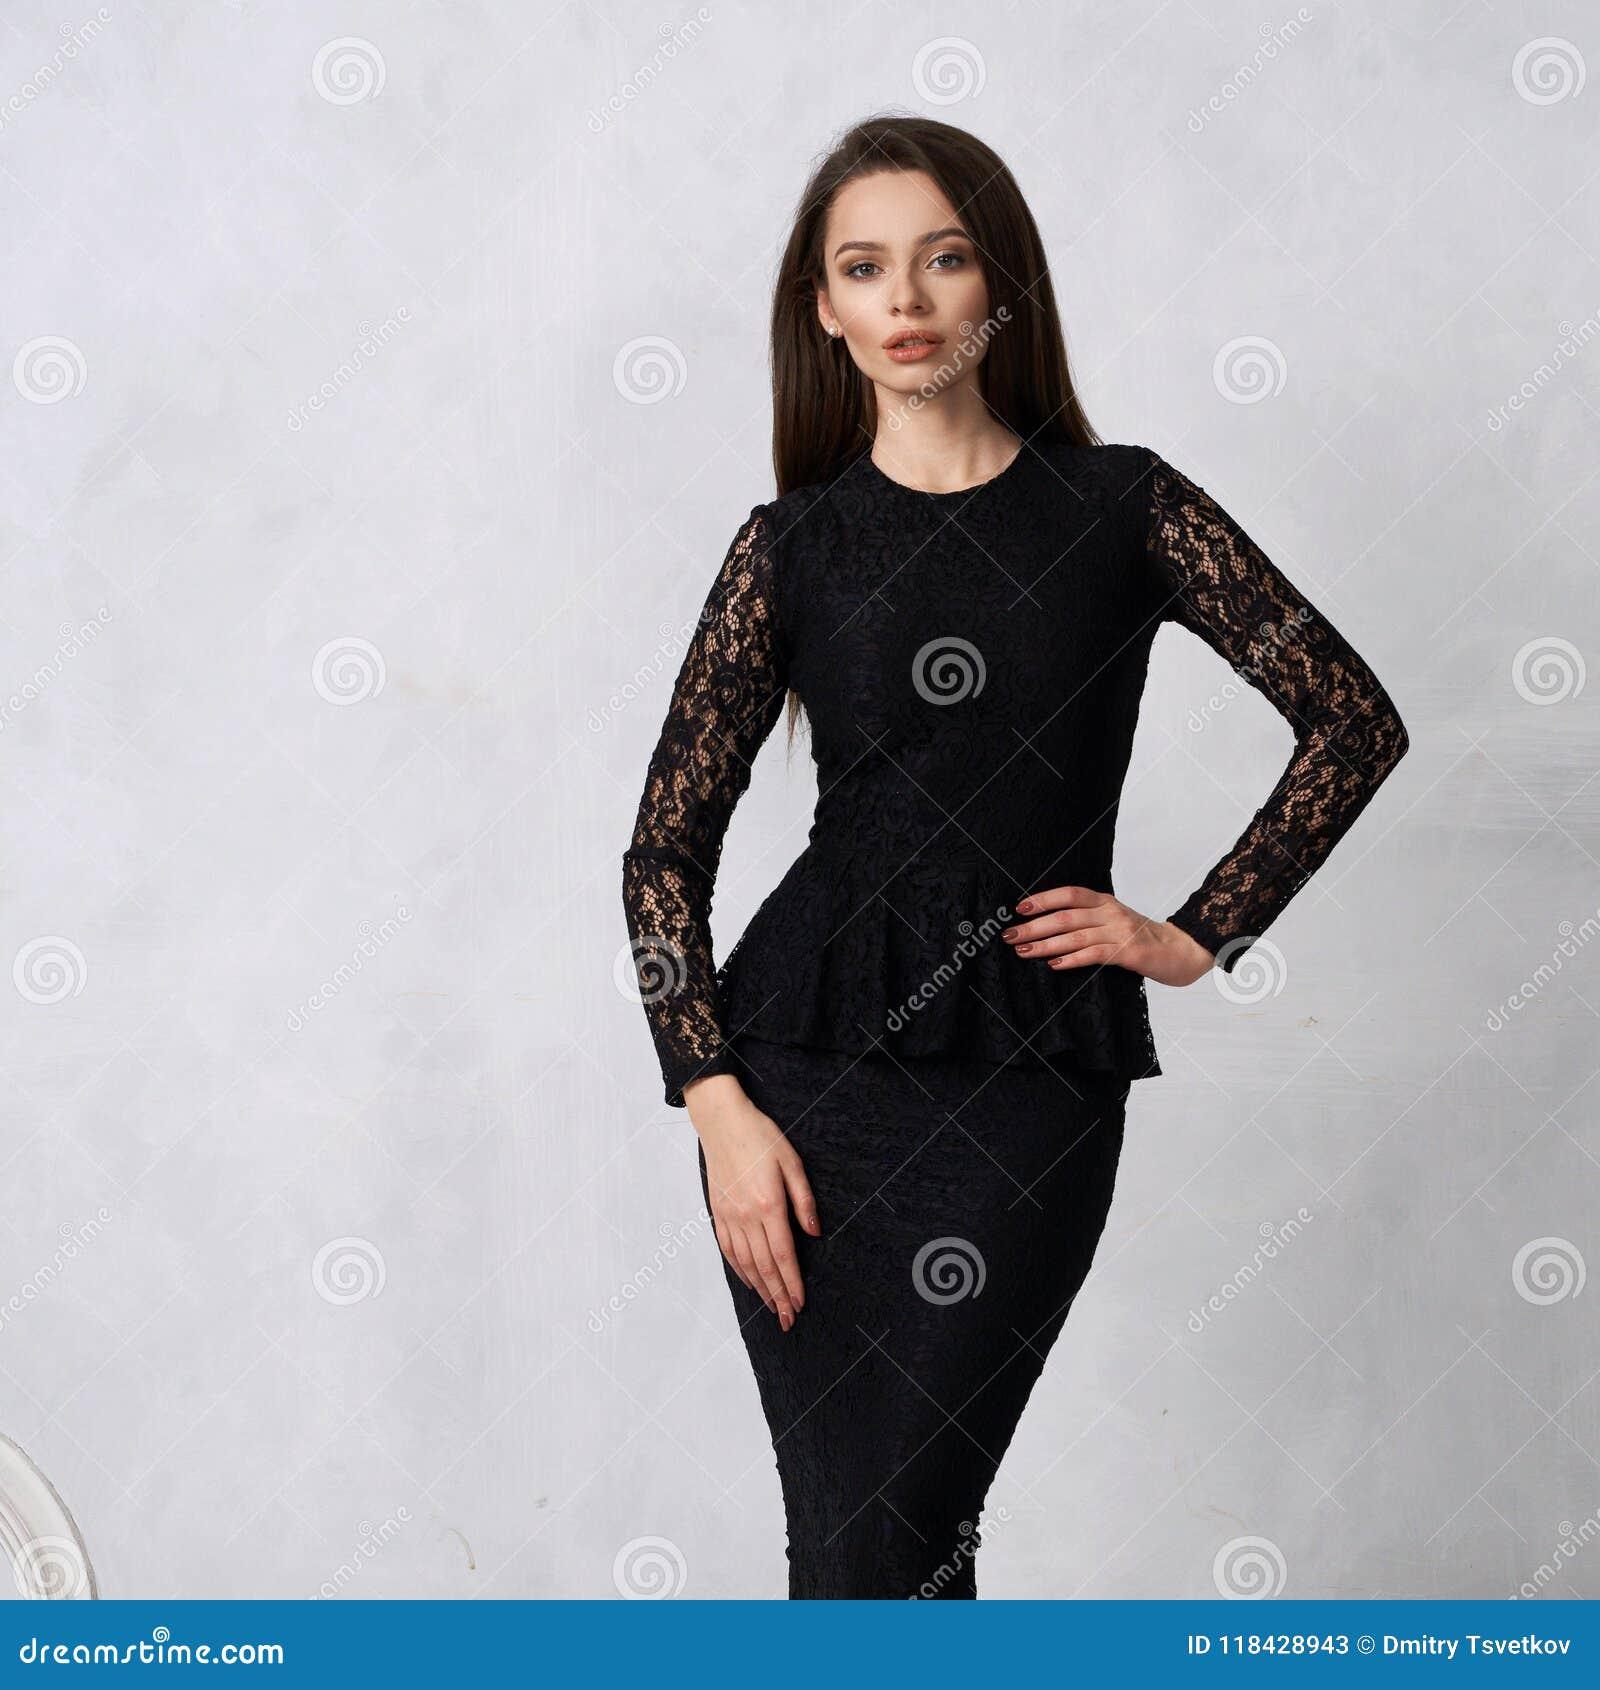 f3f87ee83cad1 Elegant Long Black Formal Dress